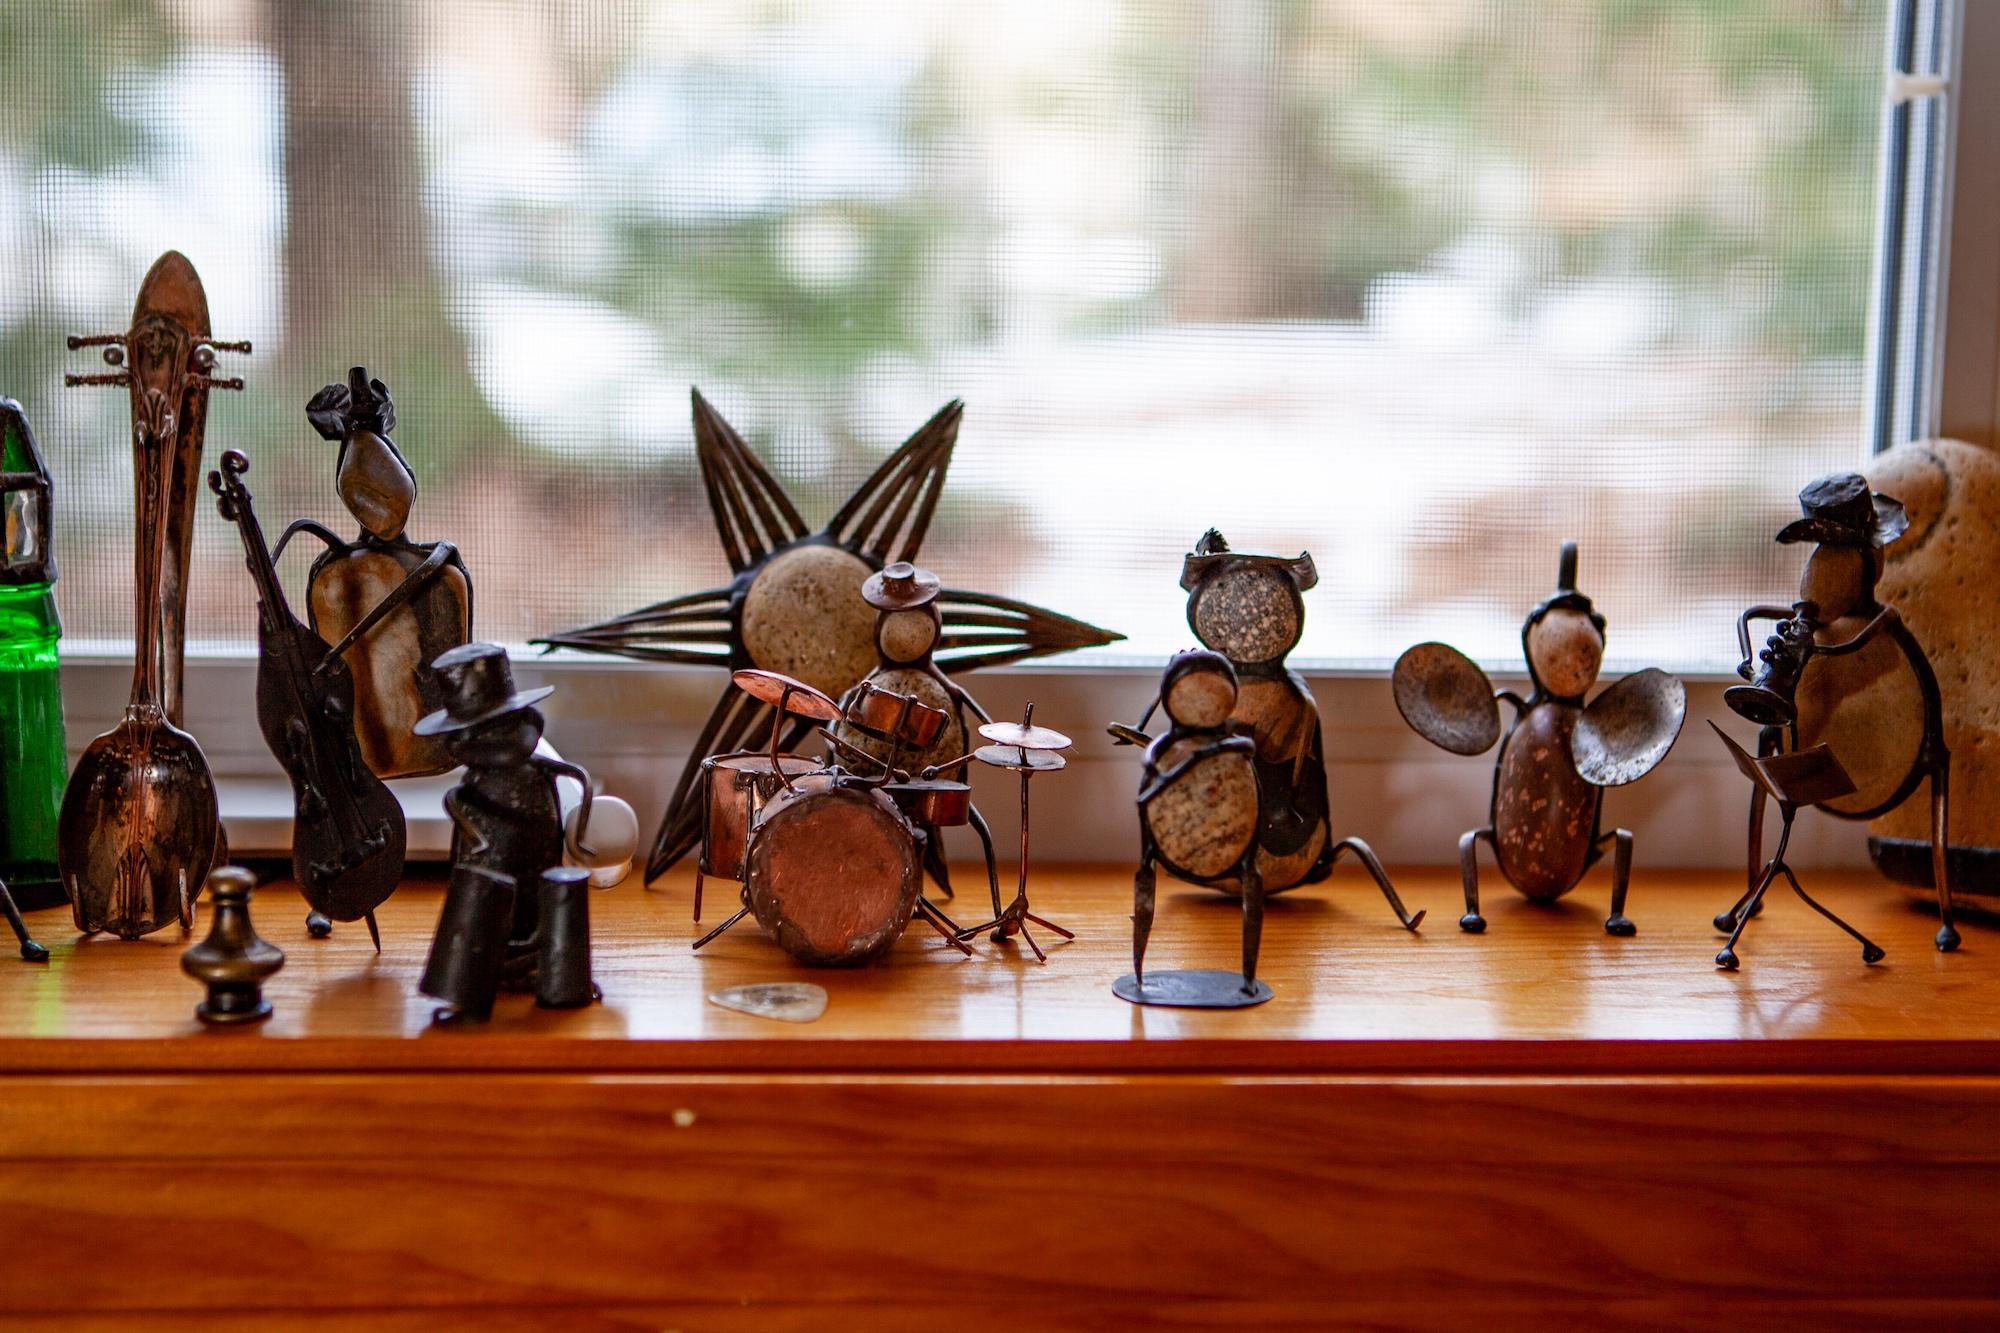 basil sculptures